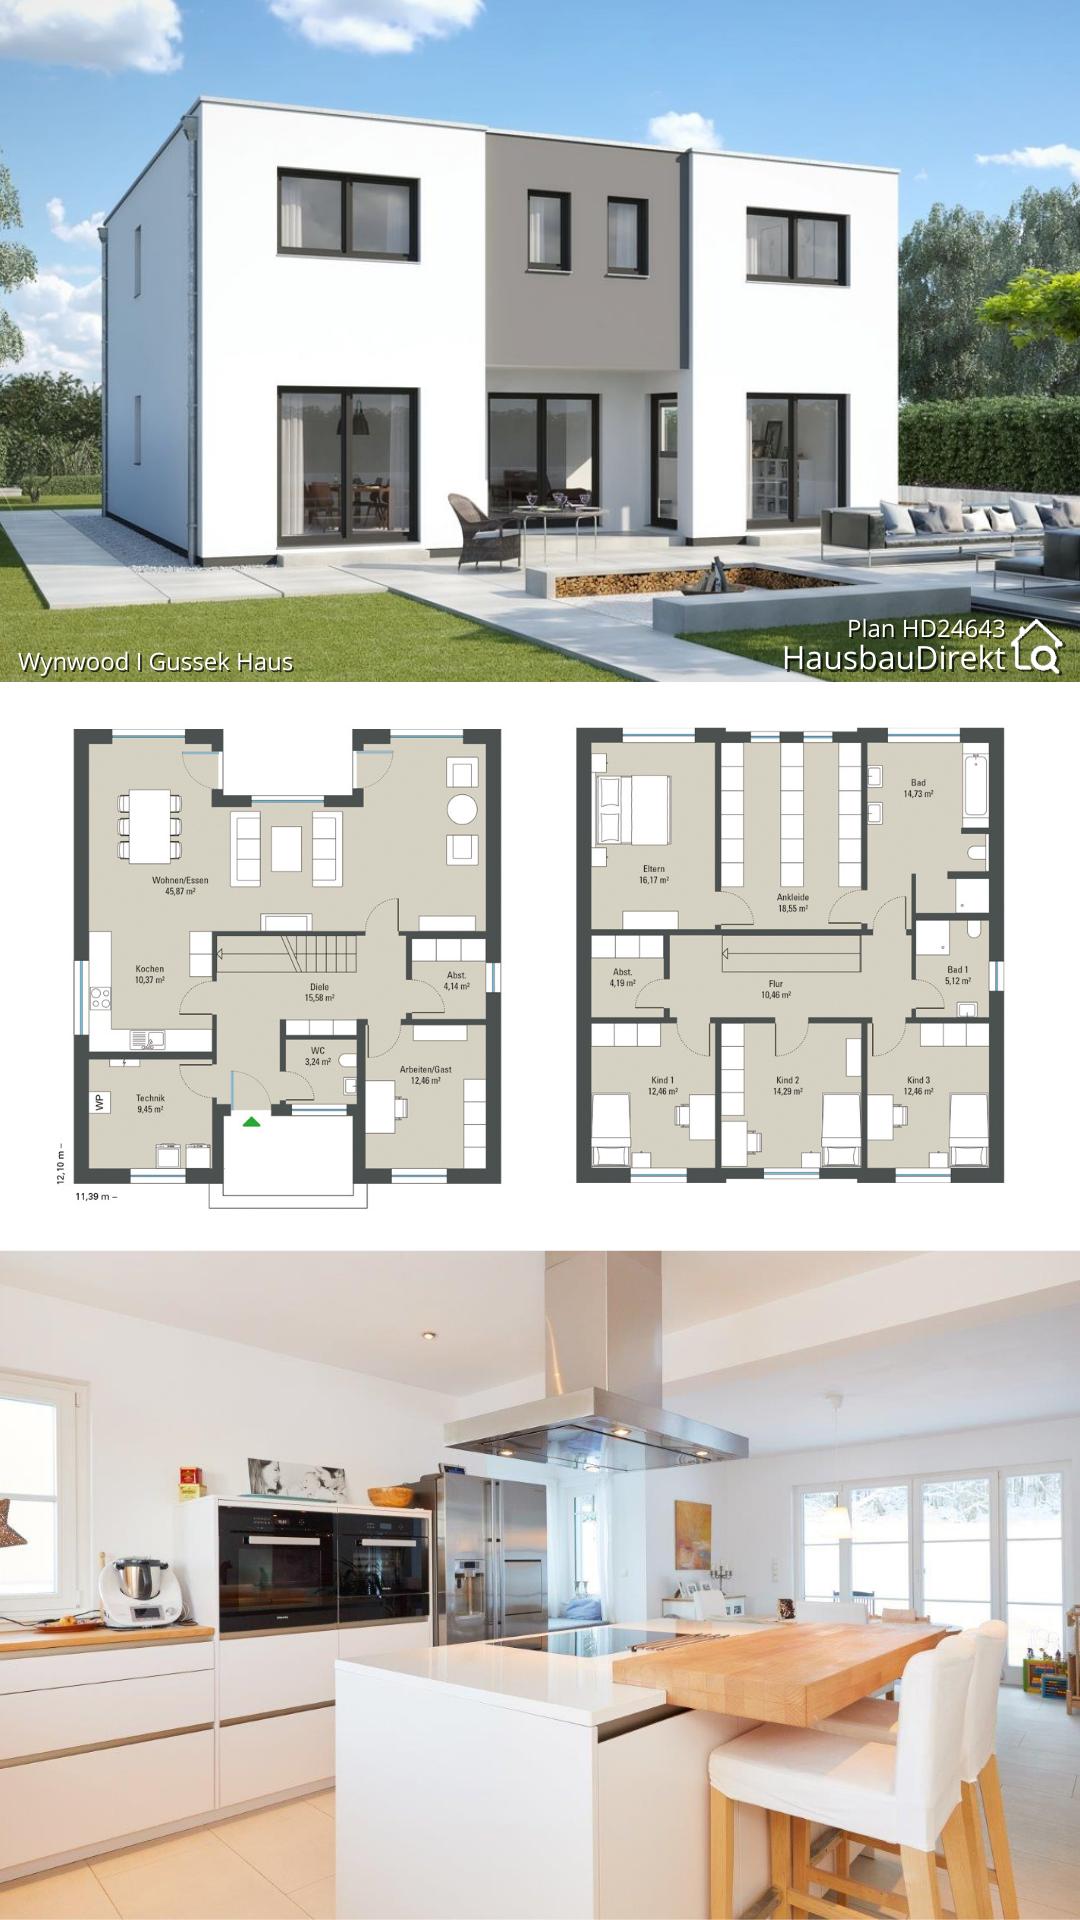 Modernes Einfamilienhaus mit Flachdach & offenem Haus Grundriss bauen Fertighaus Ideen 210 qm groß